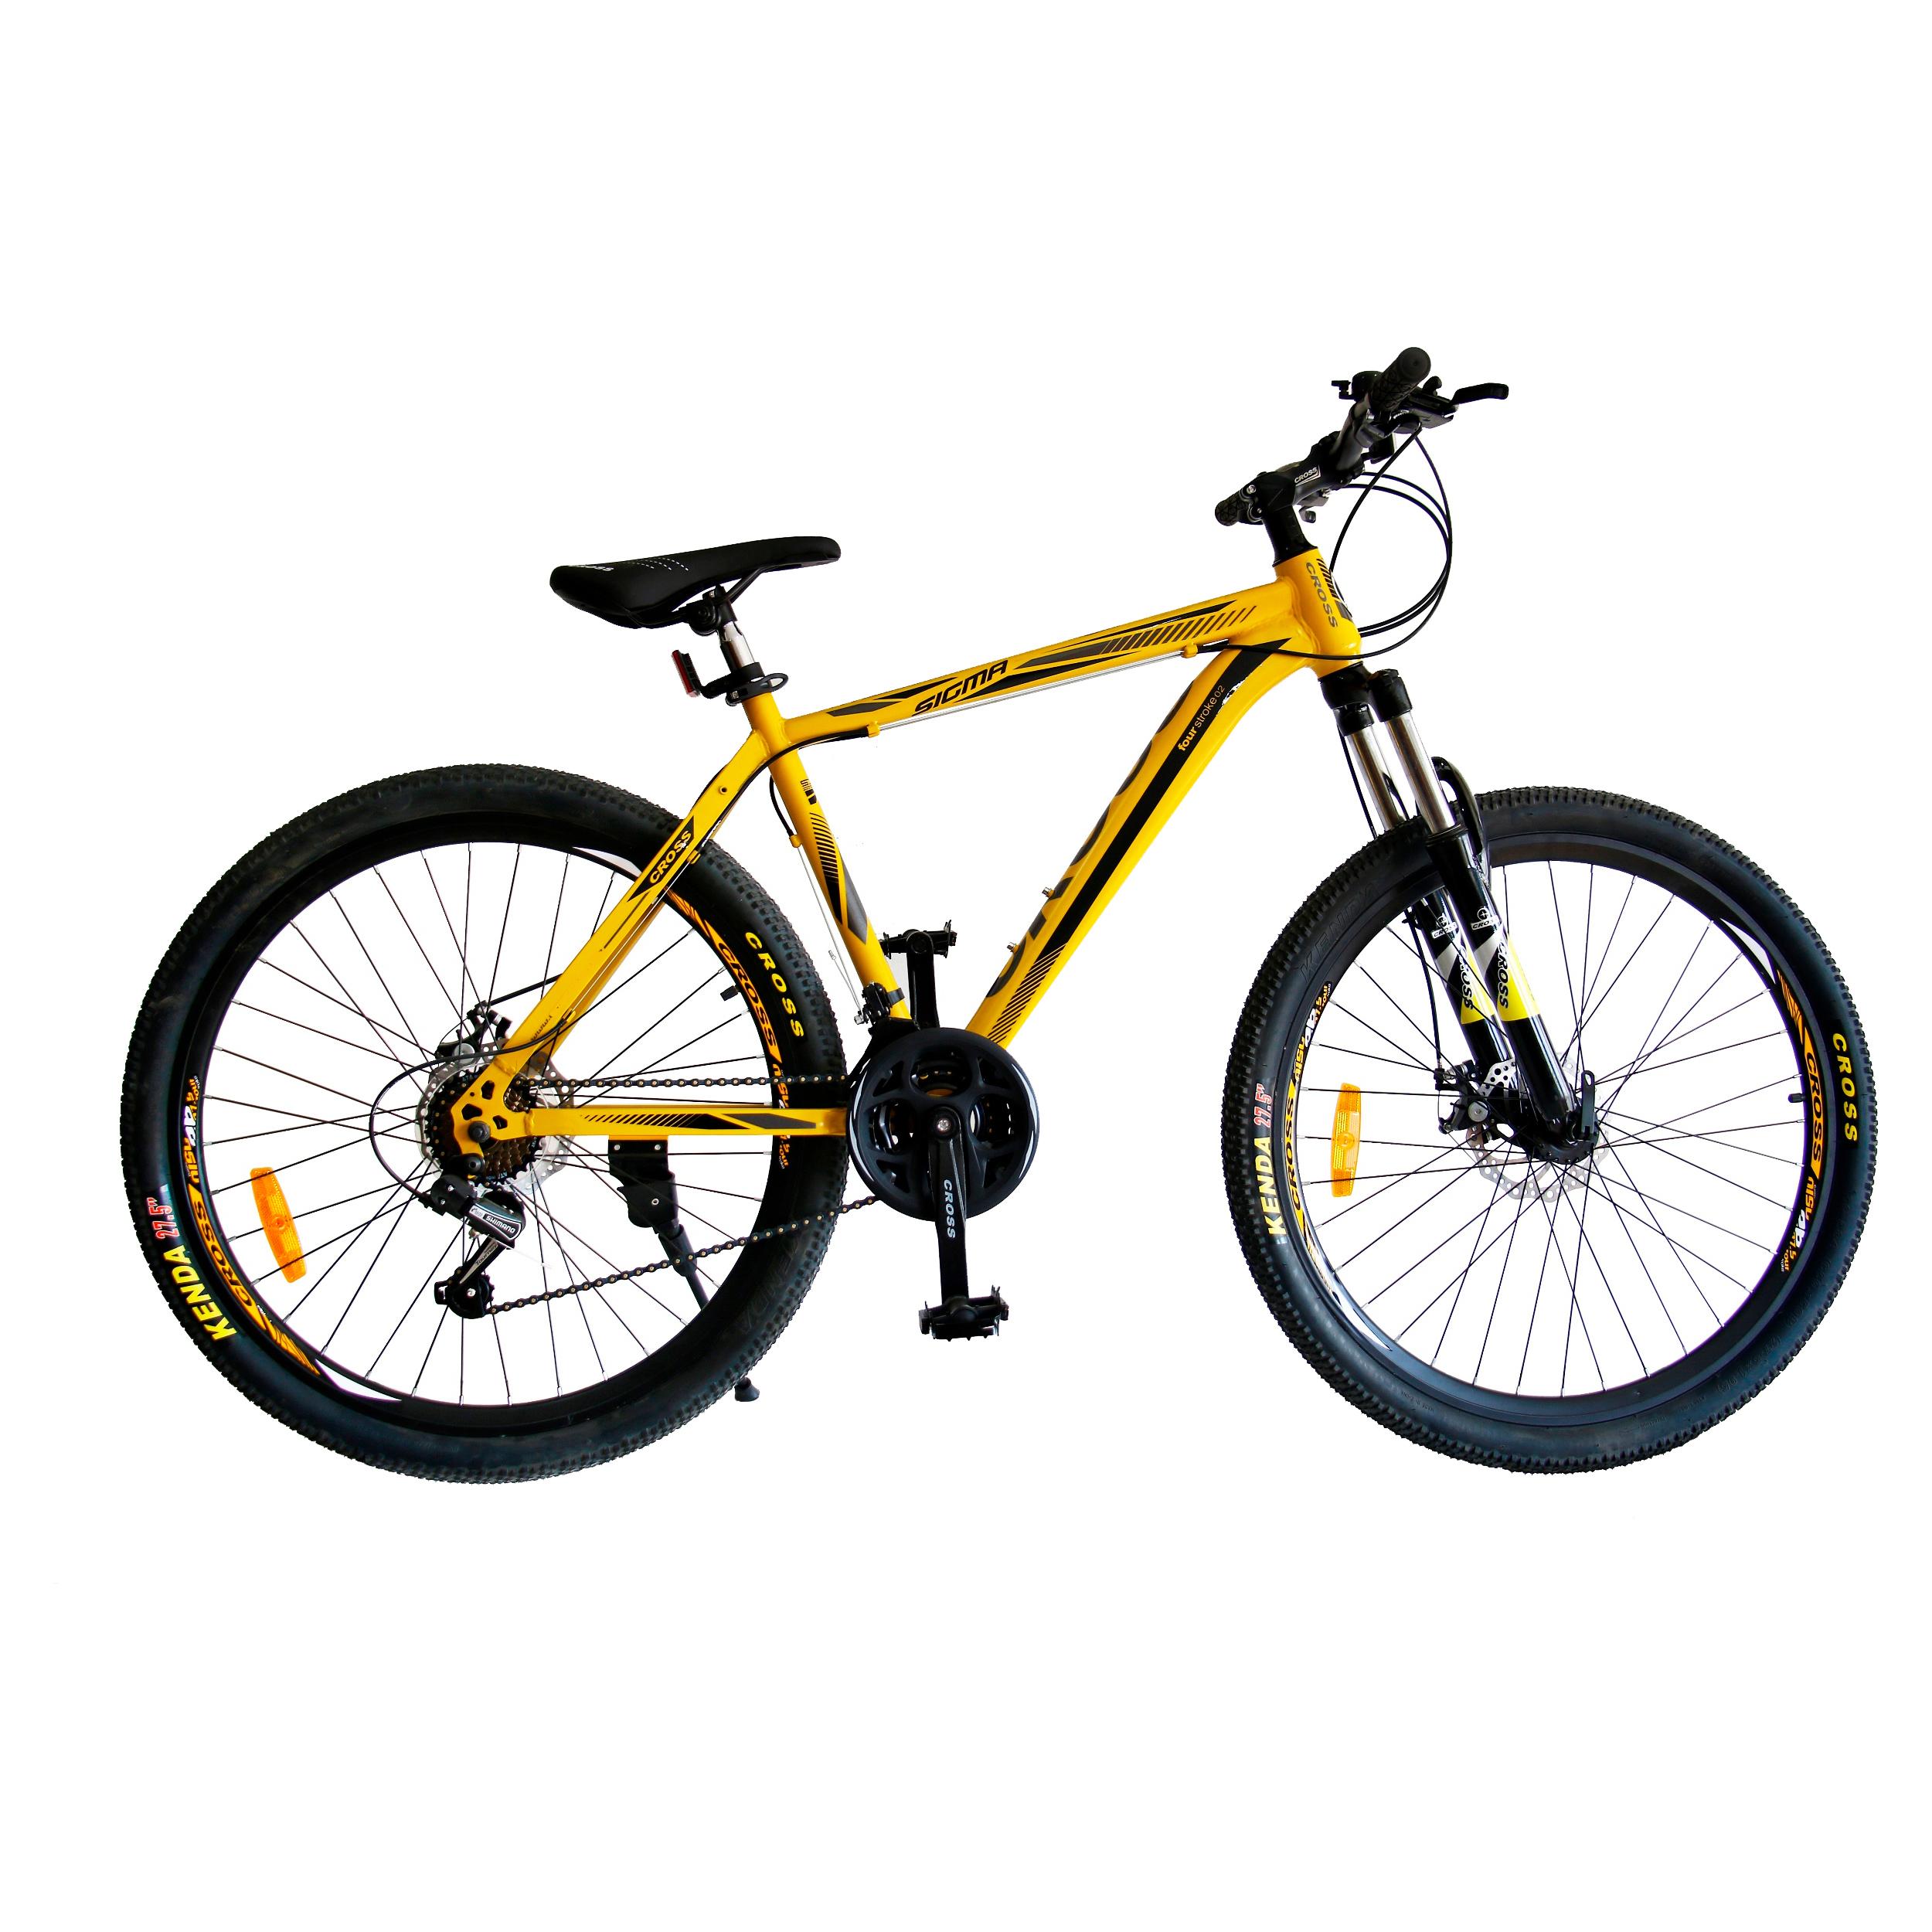 خرید                     دوچرخه کوهستان کراس مدل SIGMA سایز 27.5